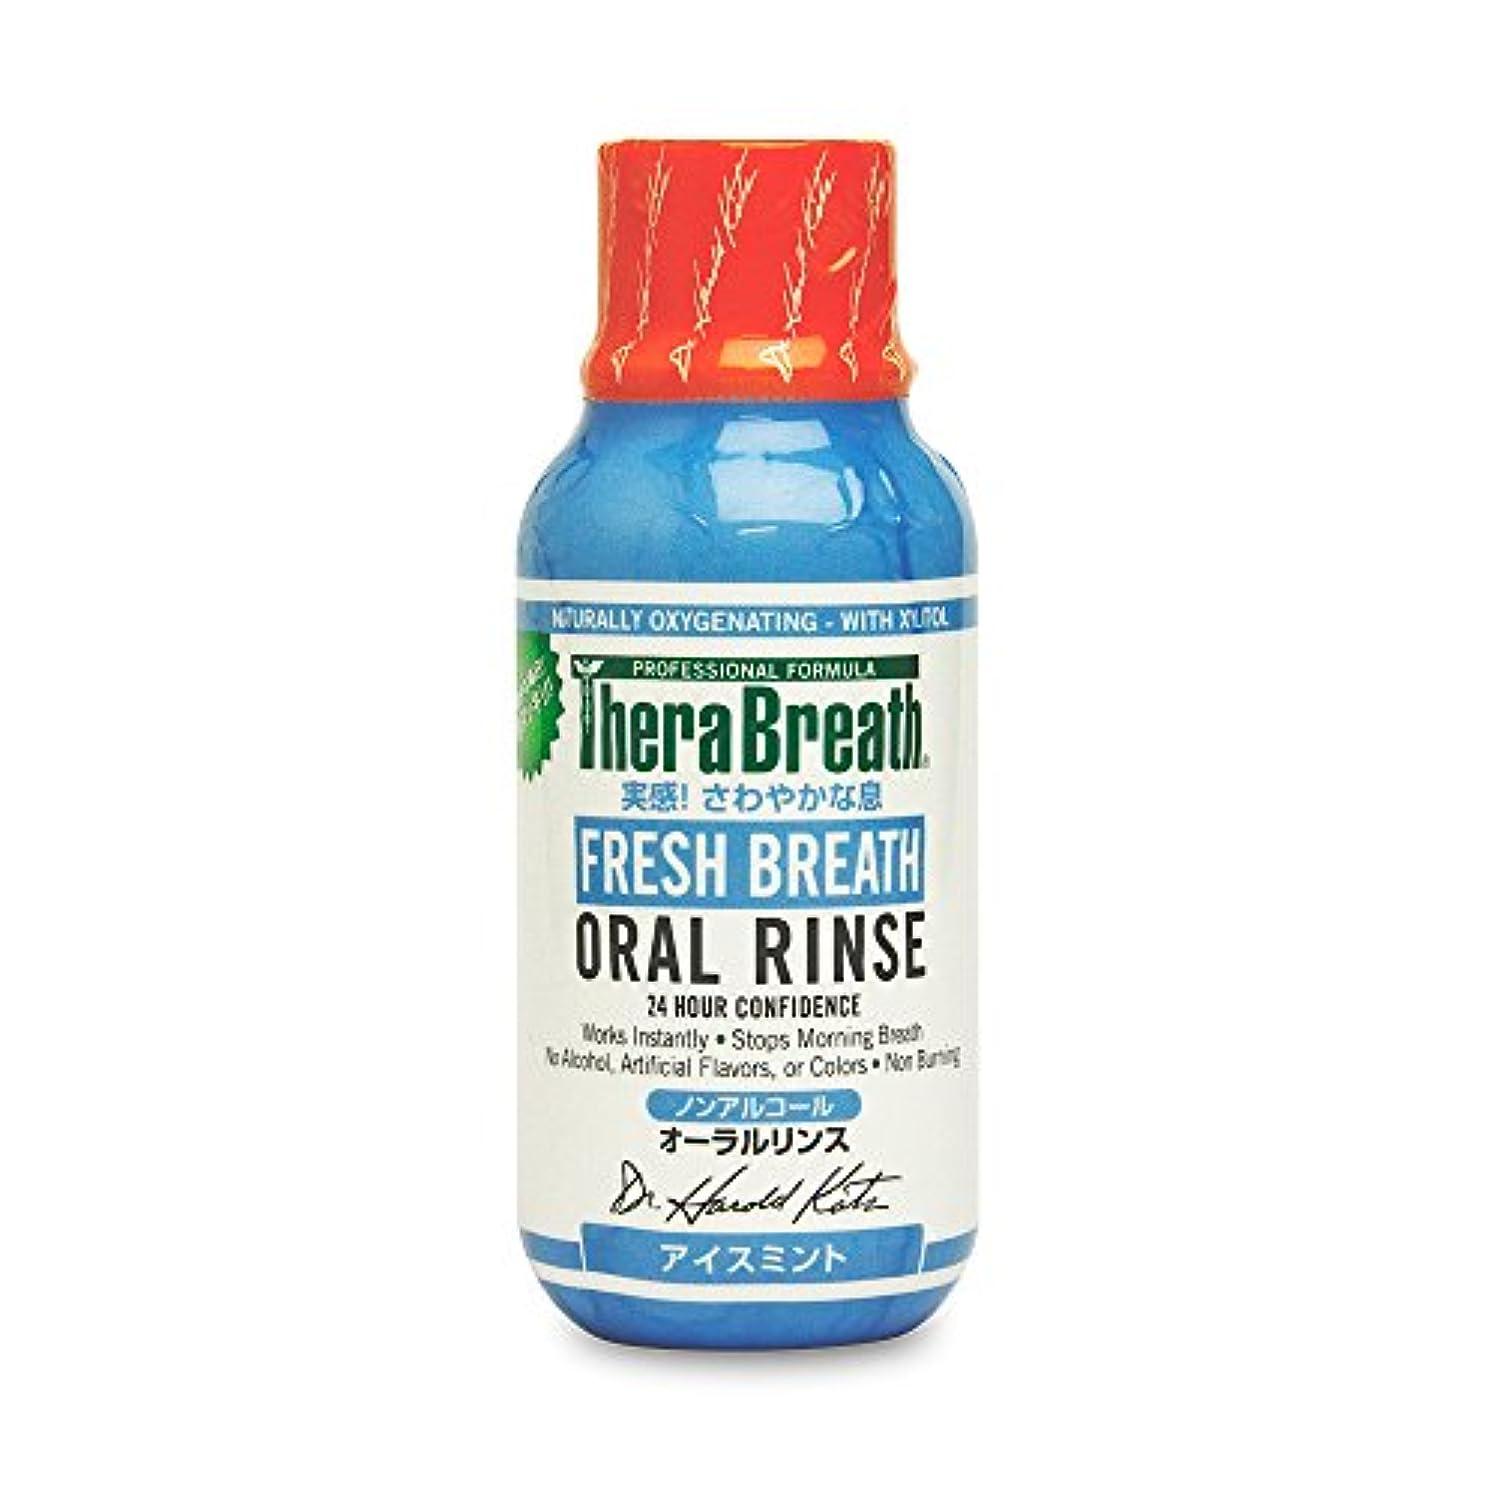 ご意見ヒゲ液化するTheraBreath (セラブレス) セラブレスオーラルリンス アイスミント ミニボトル 88ml (正規輸入品) マウスウォッシュ